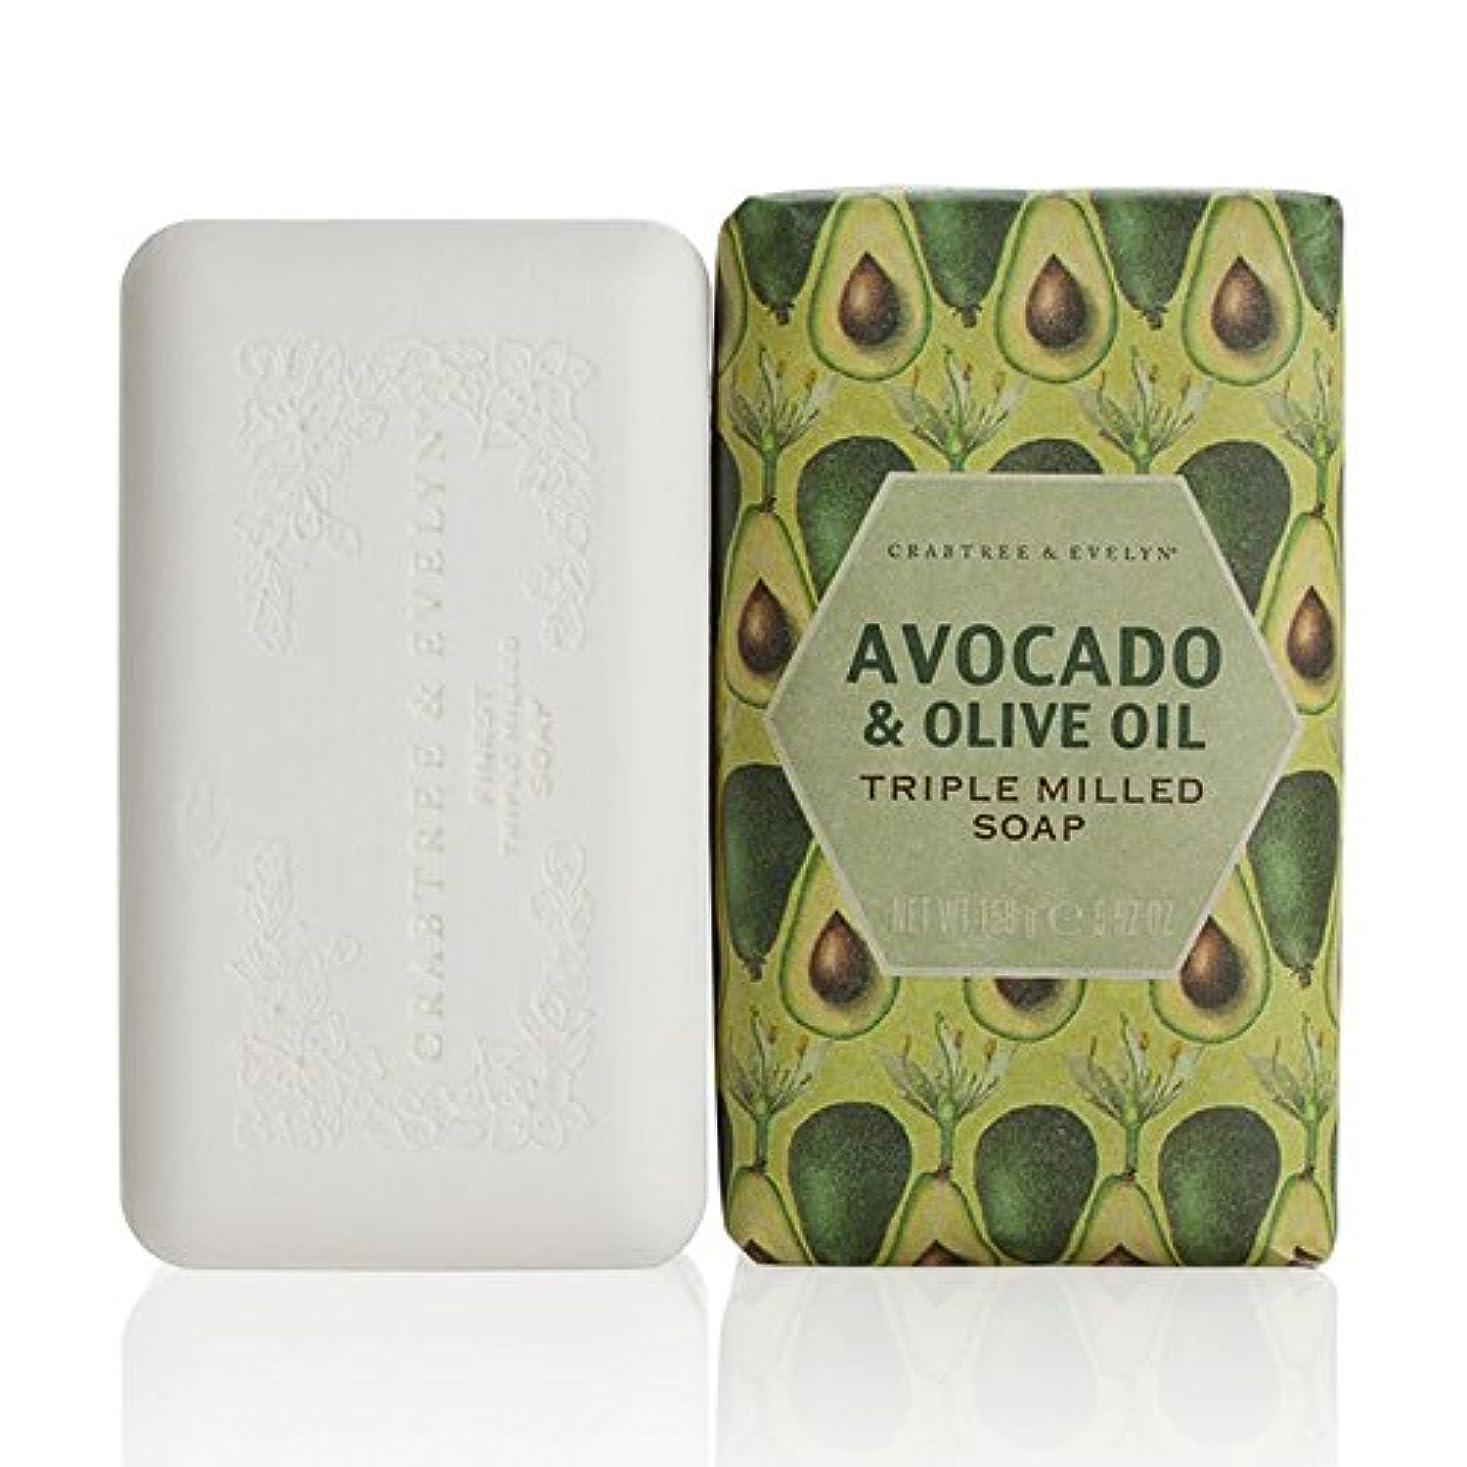 割り当てます午後正しくCrabtree & Evelyn Avocado & Olive Oil Milled Soap 158g - クラブツリー&イヴリンアボカド&オリーブオイル粉砕された石鹸158グラム [並行輸入品]